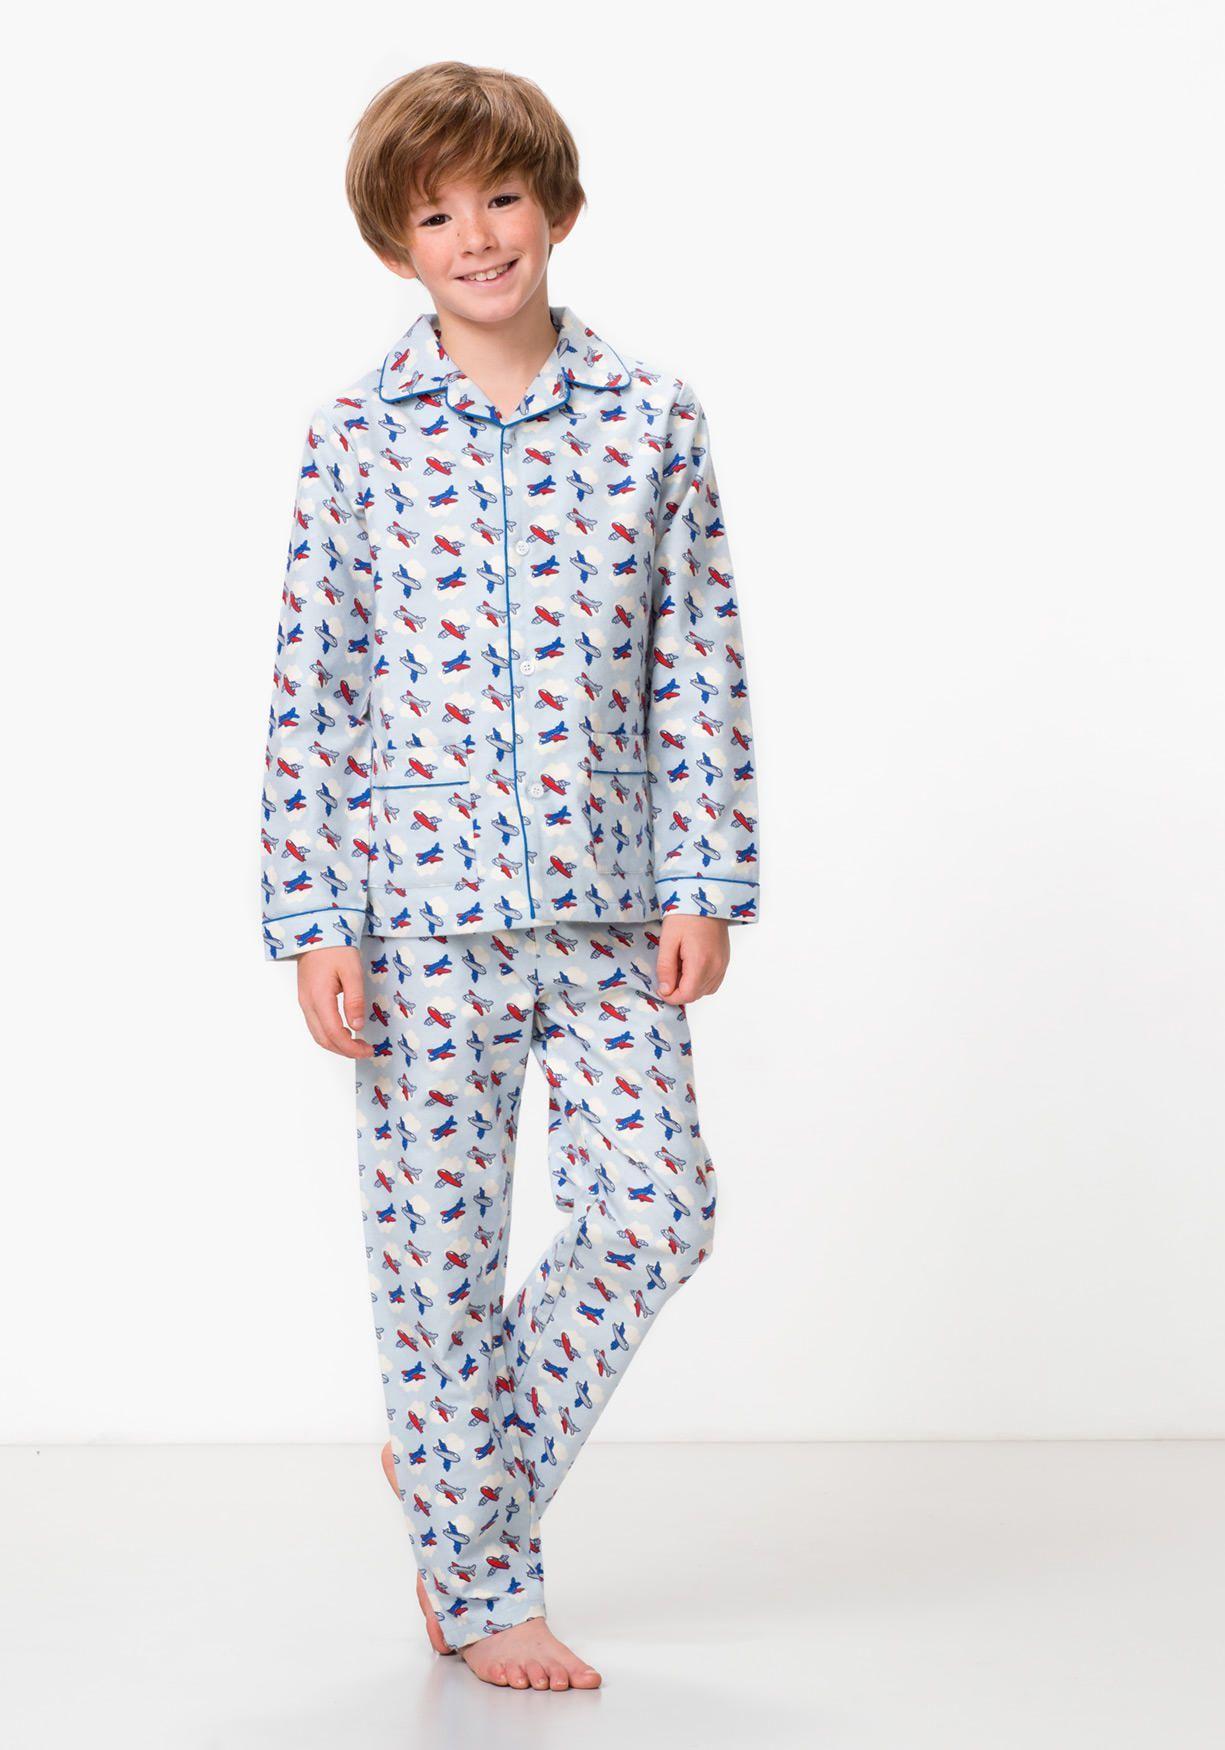 94af141917d Pijama de dos piezas para niño estampado. Pantalón largo con cintura  elástica. Camisa con